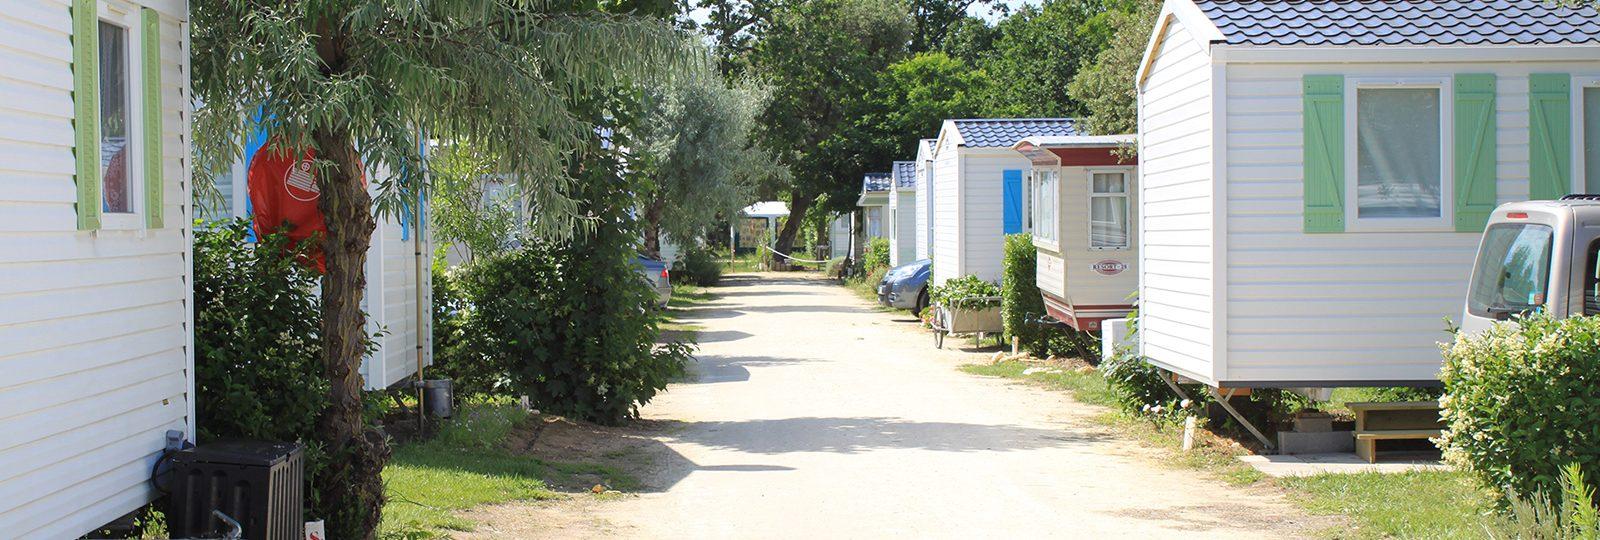 Vente mobil-home sur l'Île d'Oléron